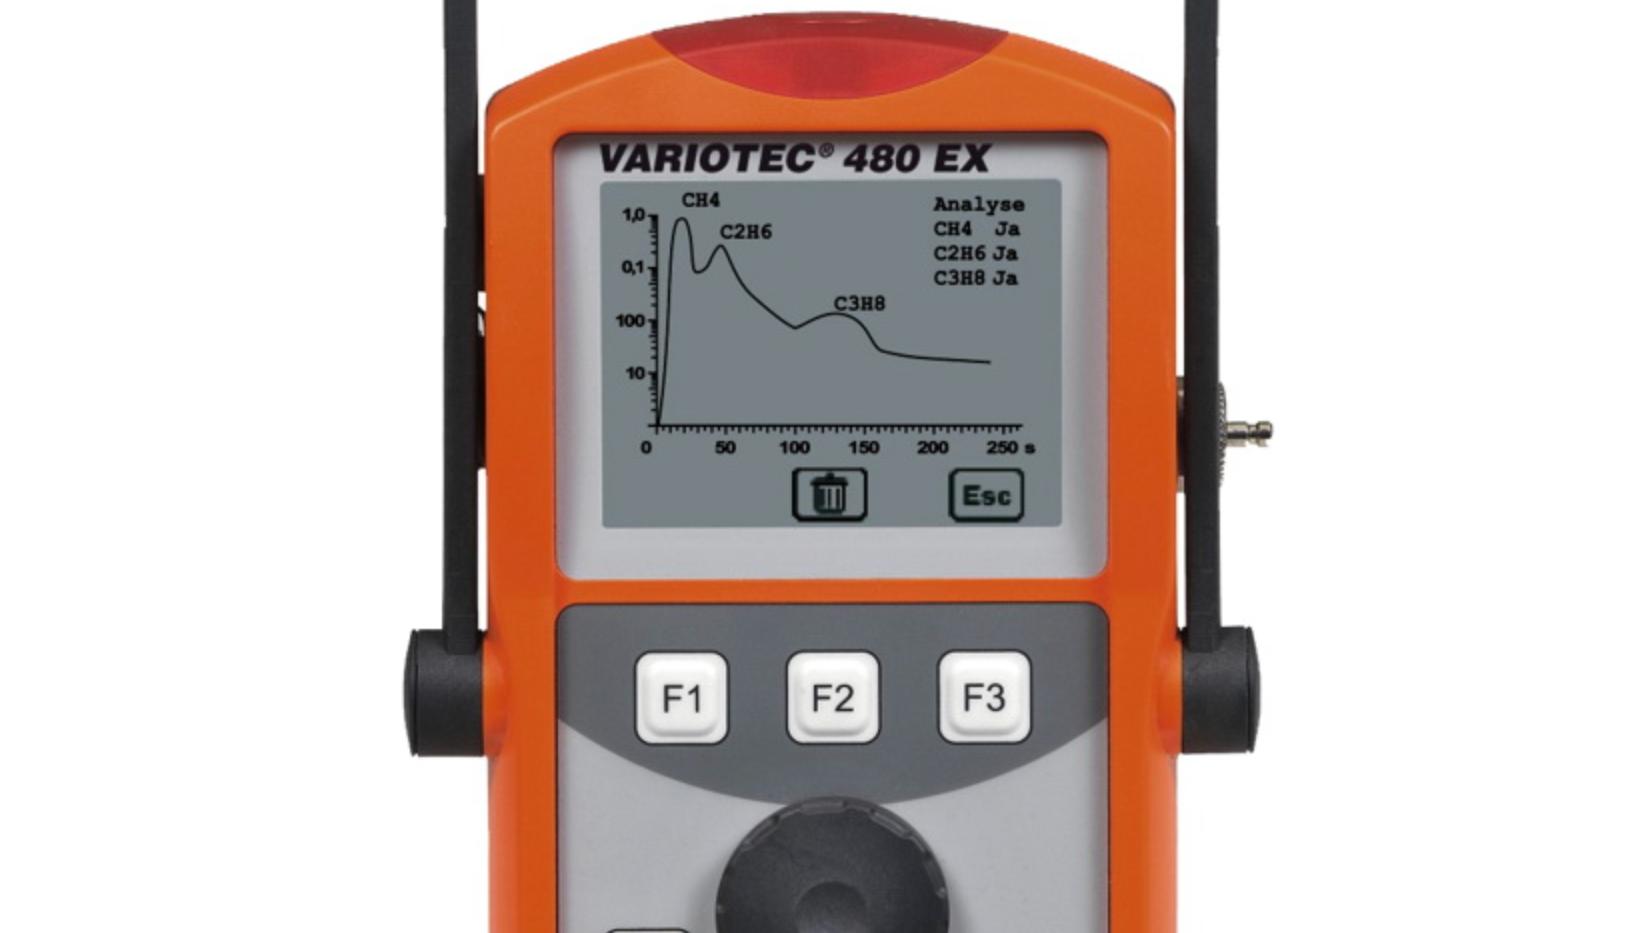 VARIOTEC 480 EX